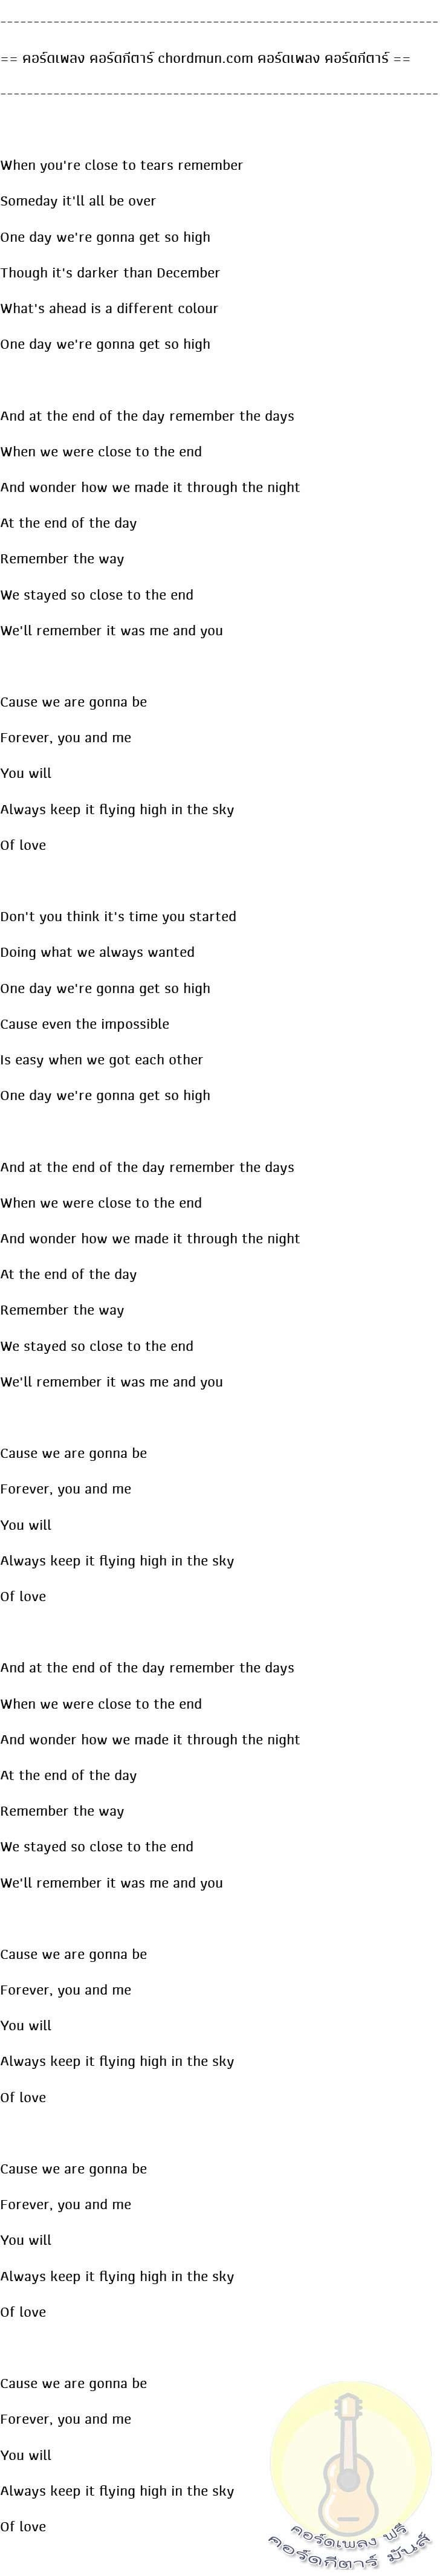 คอร์ดกีตาร์ ง่าย  เพลง High (Forever You And Me)